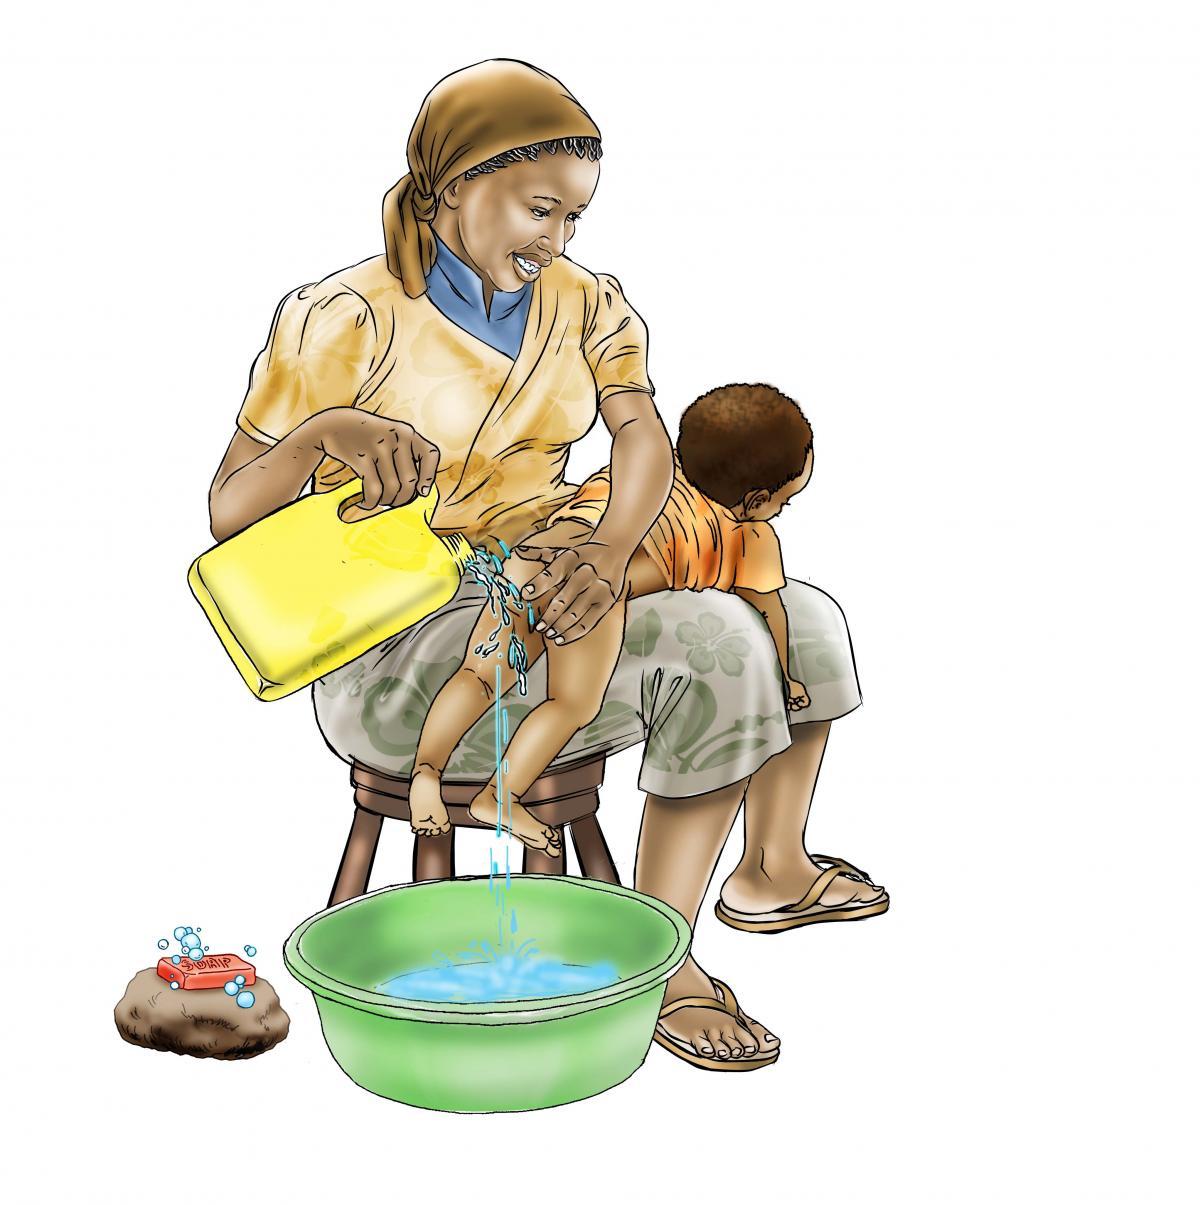 Hygiene - Washing baby's bottom - 01 - Sierra Leone